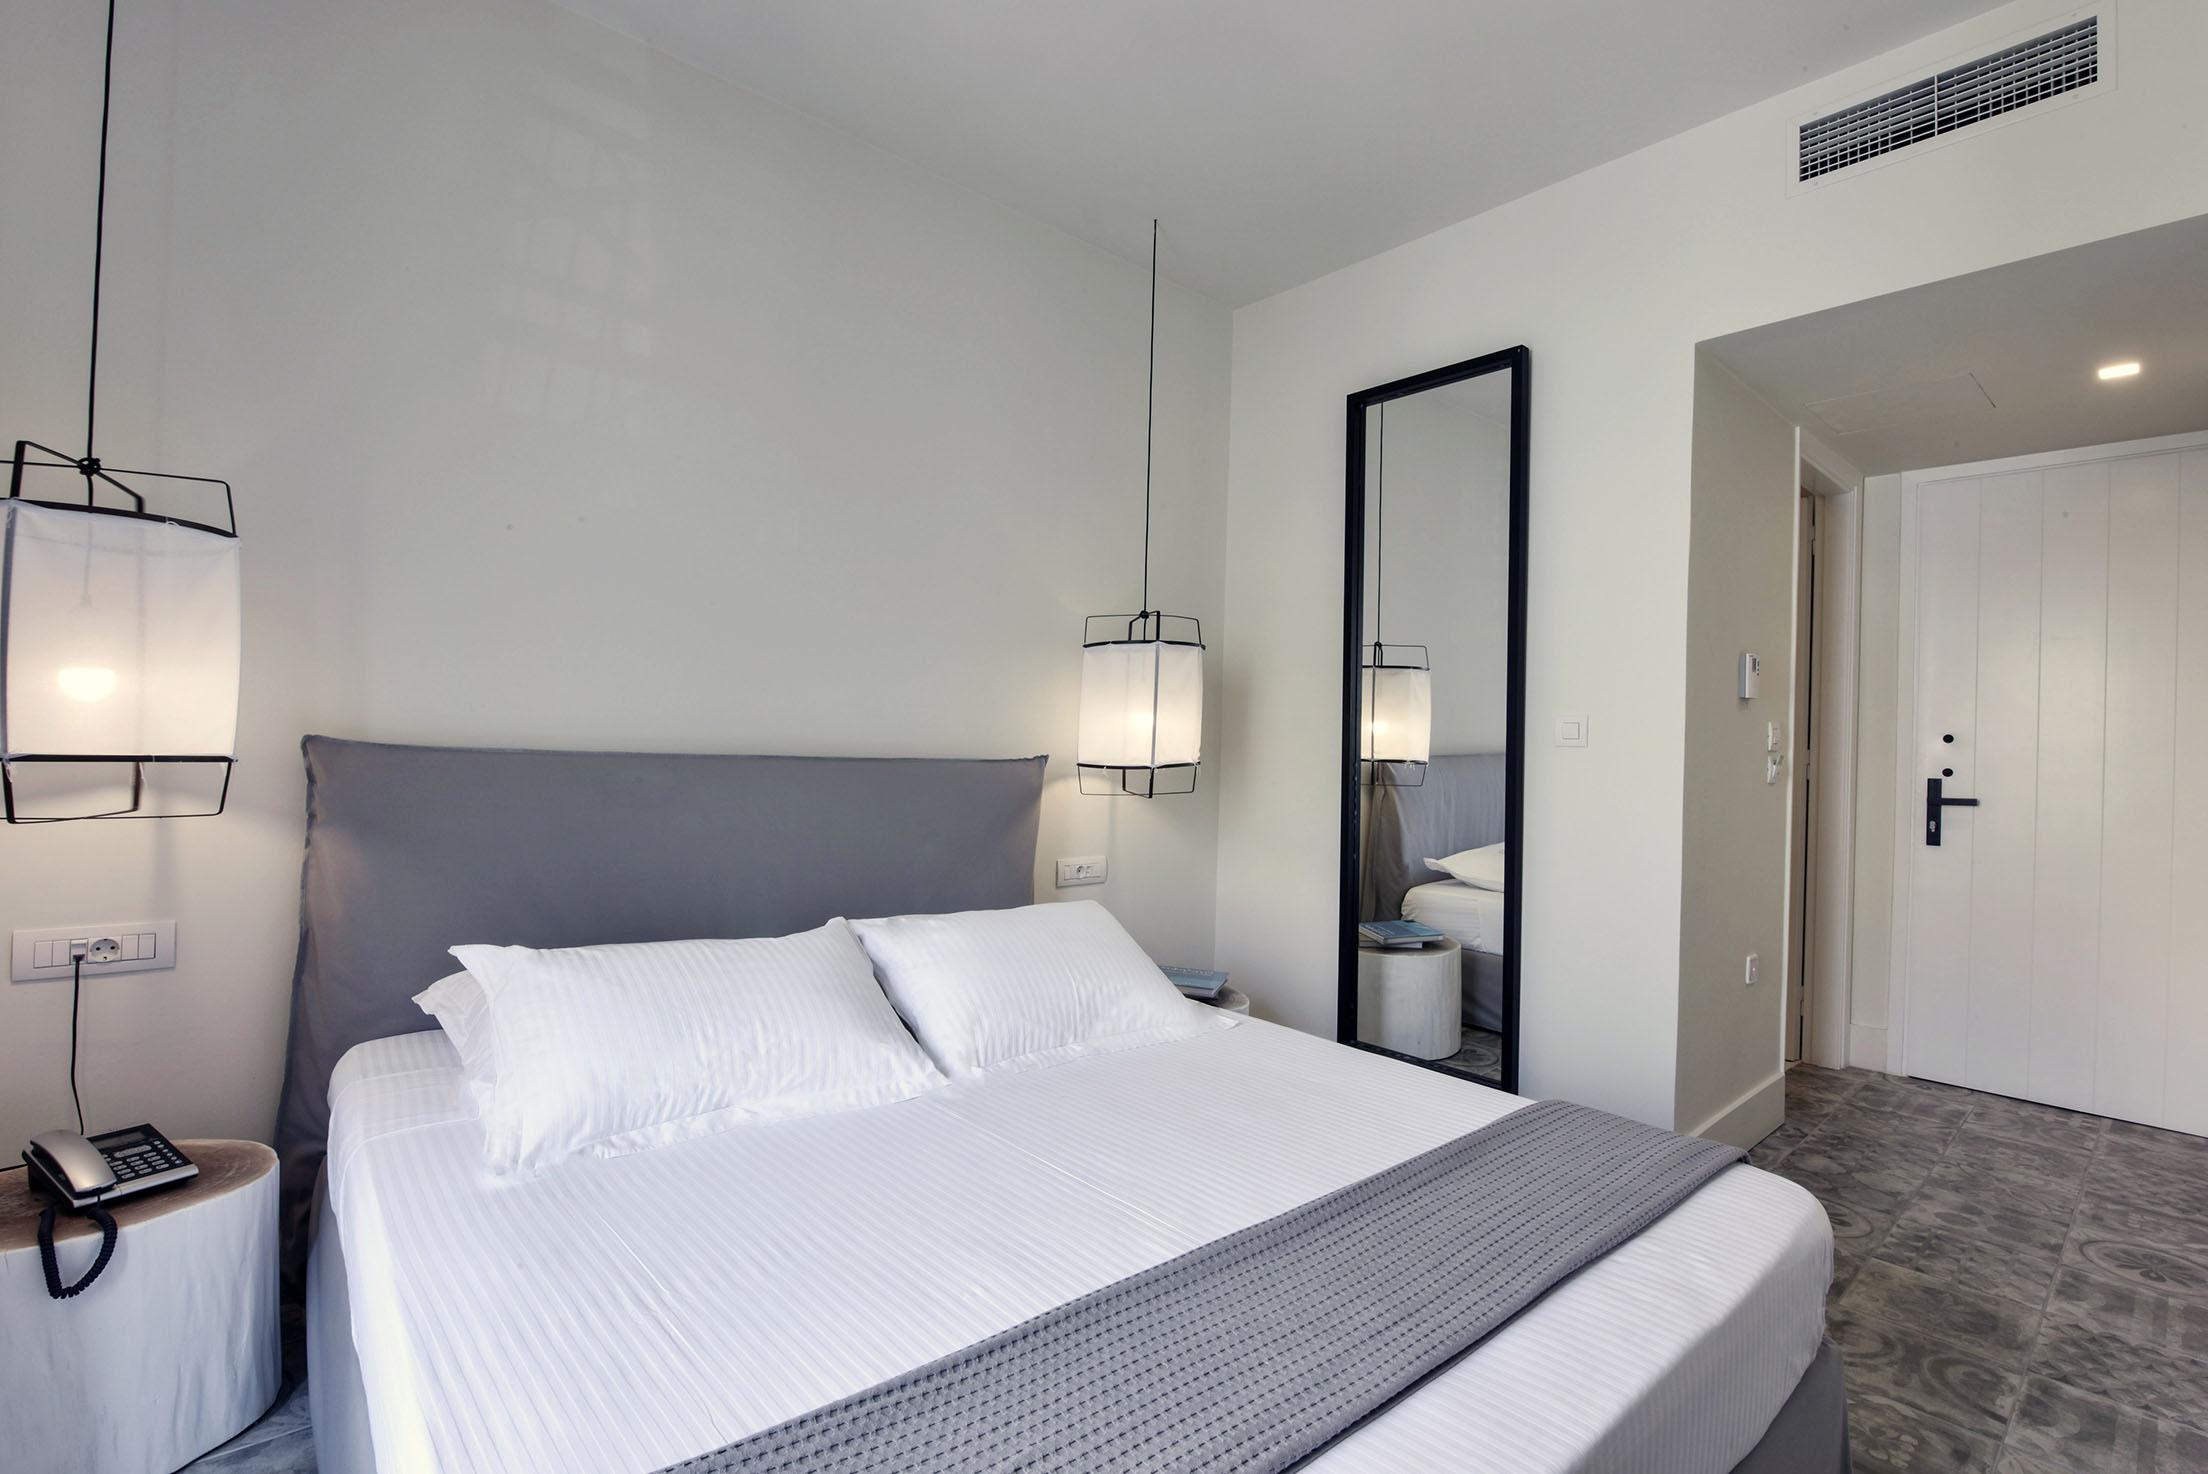 kefalonia argostoli luxury hotel accommodation 2